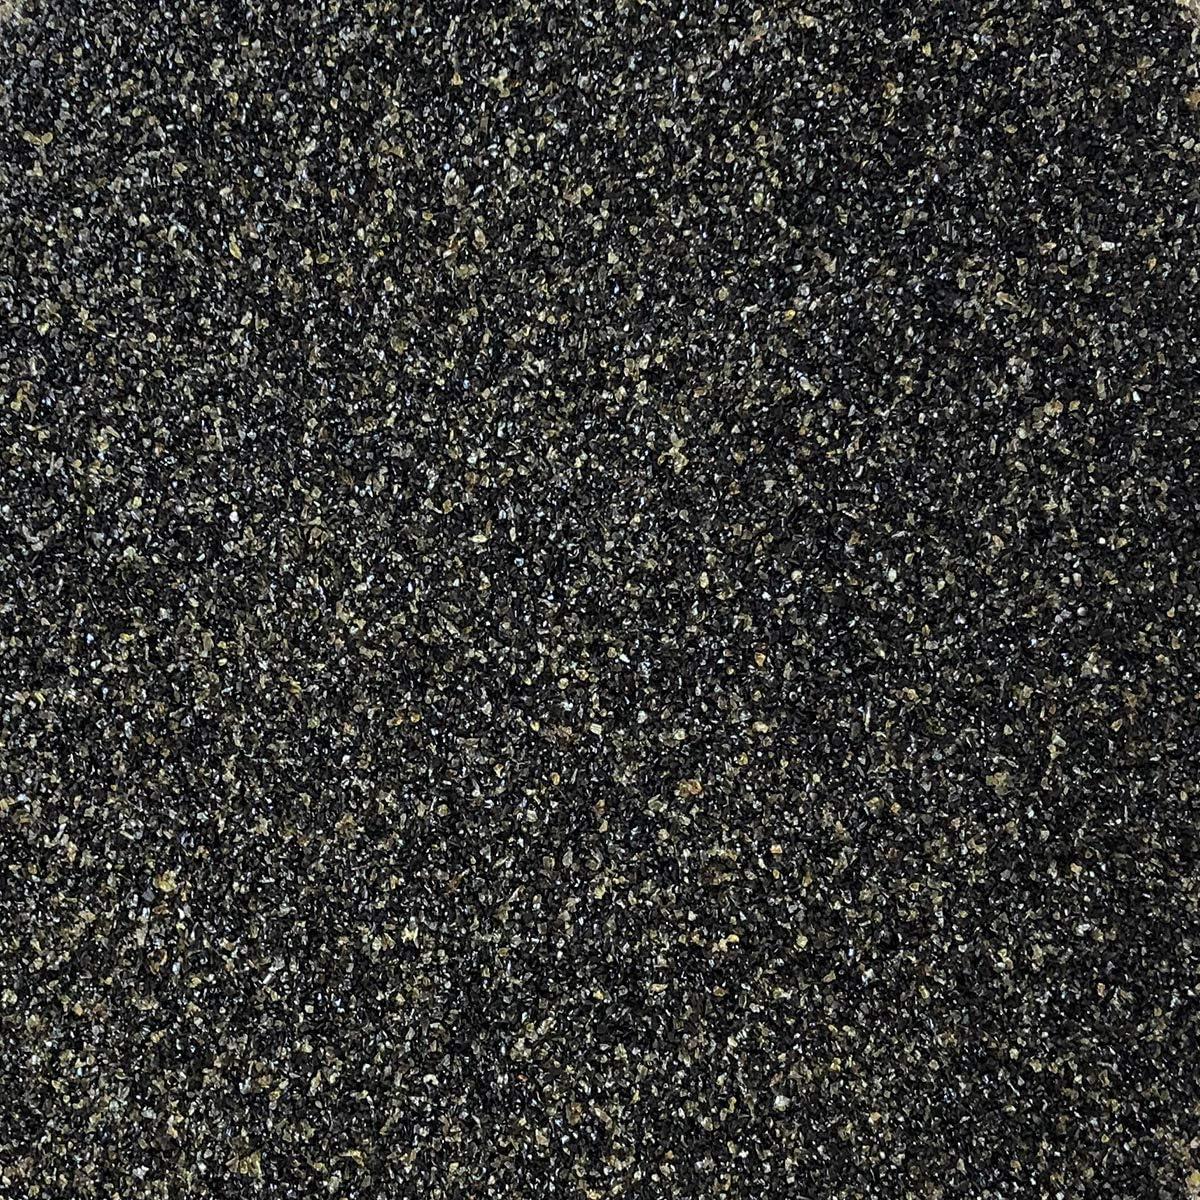 Strahlmittel Strahlgut Strahlschlacke 0,5-1,5 mm